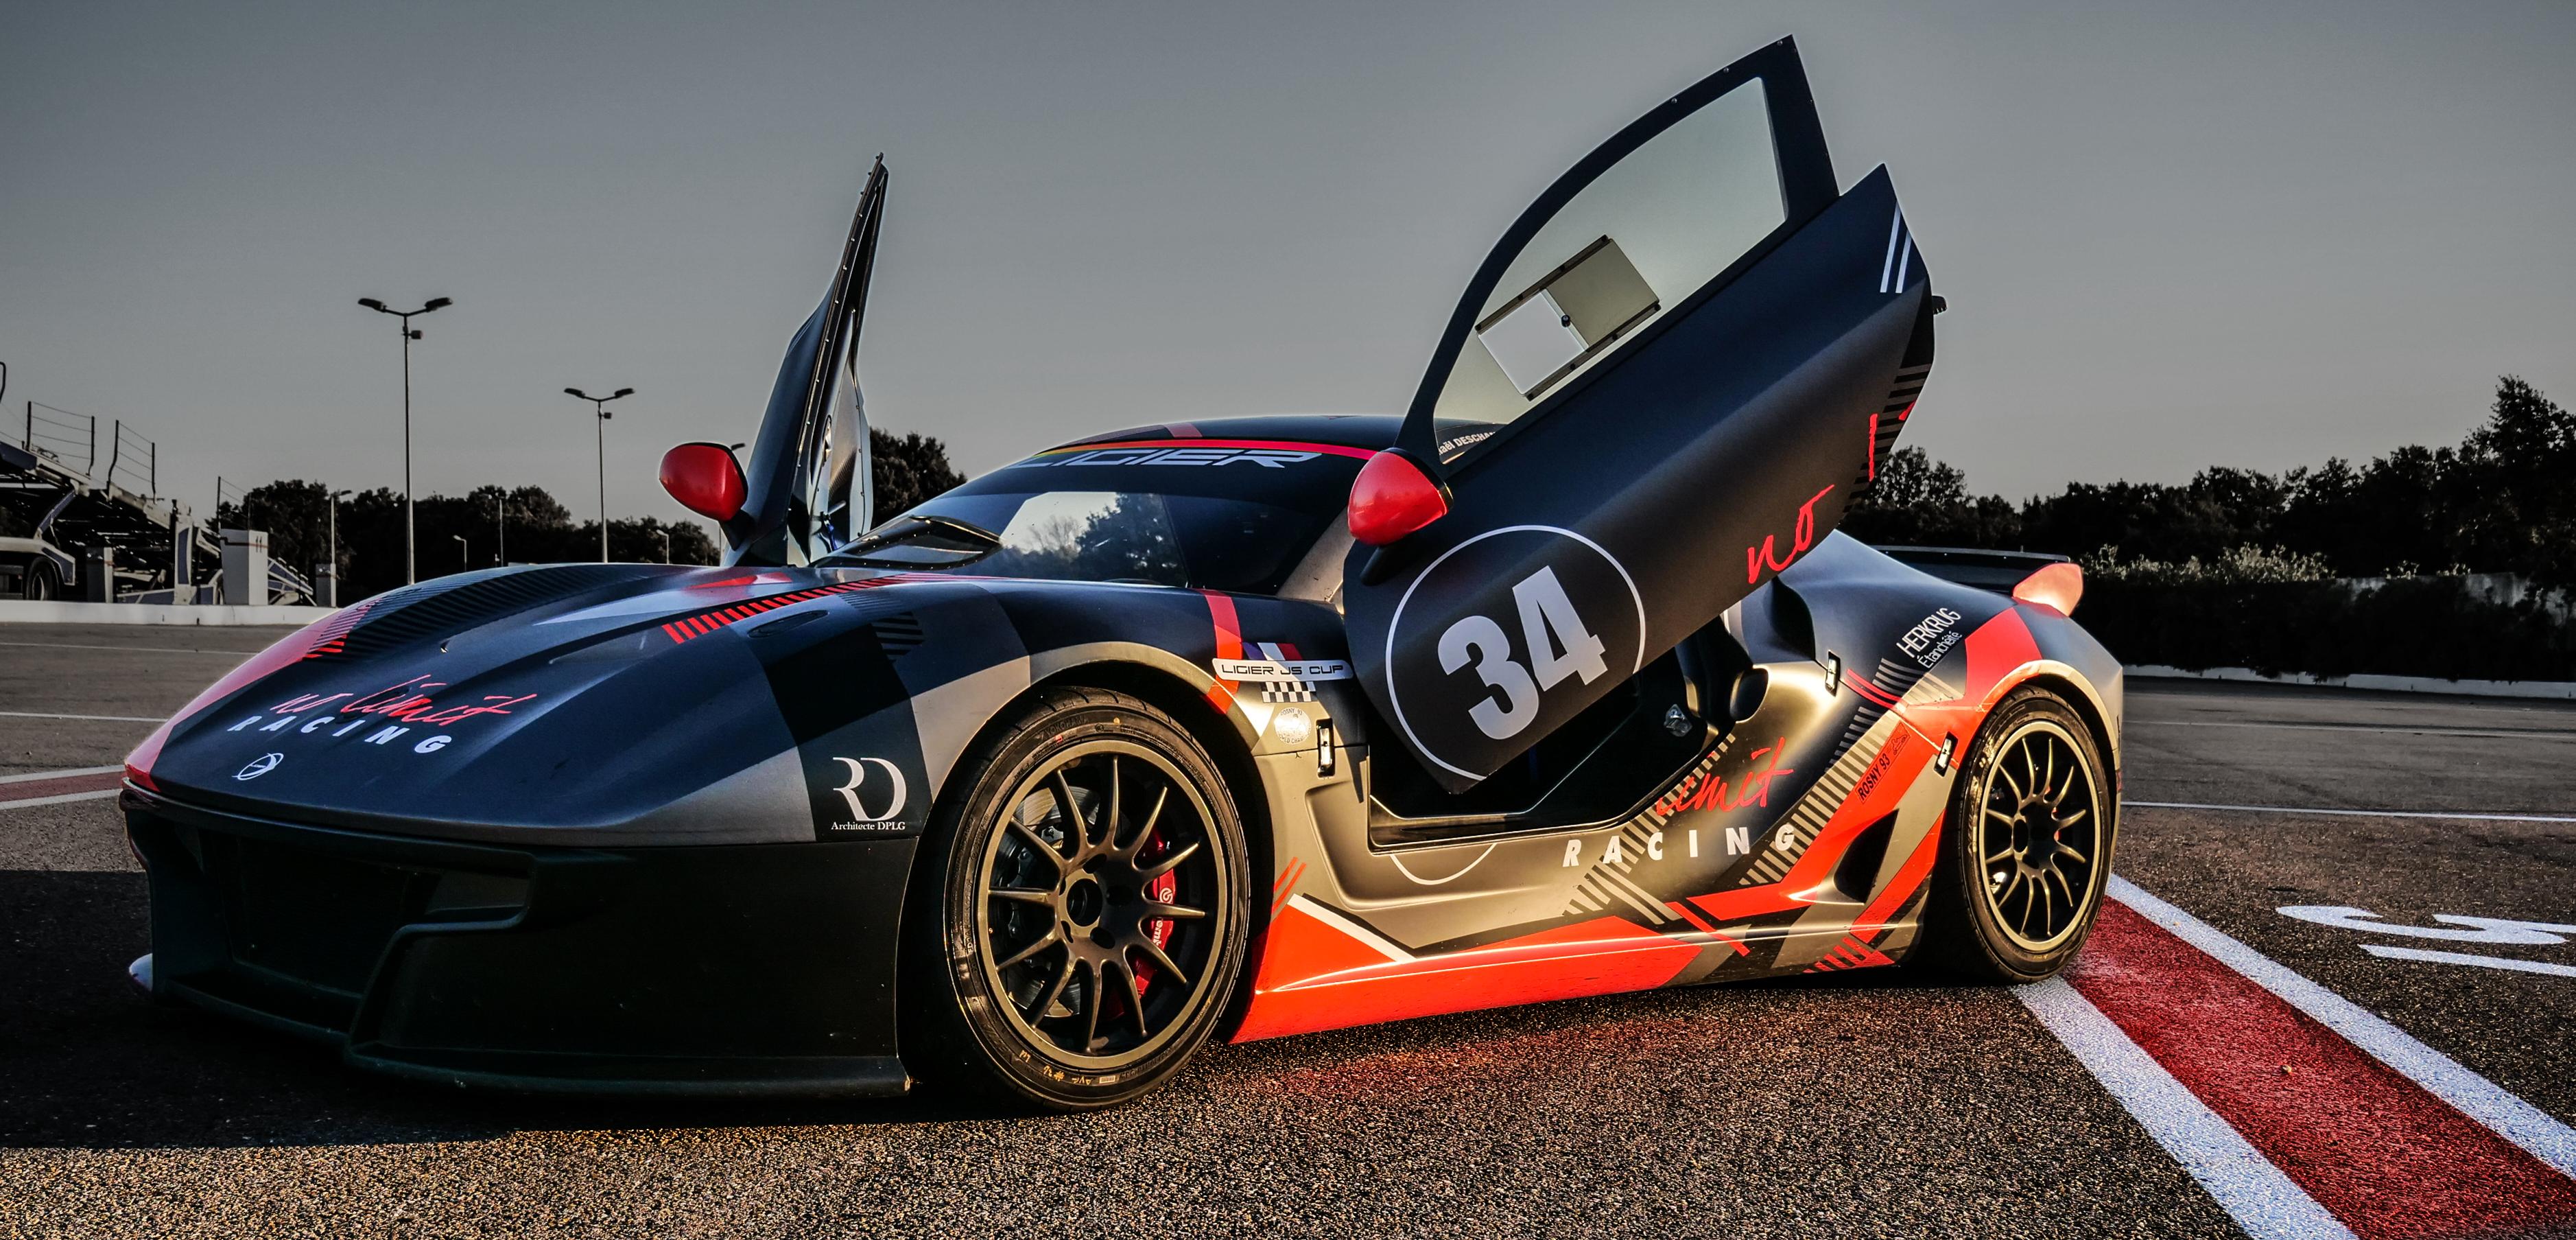 JS2 R No Limit Racing